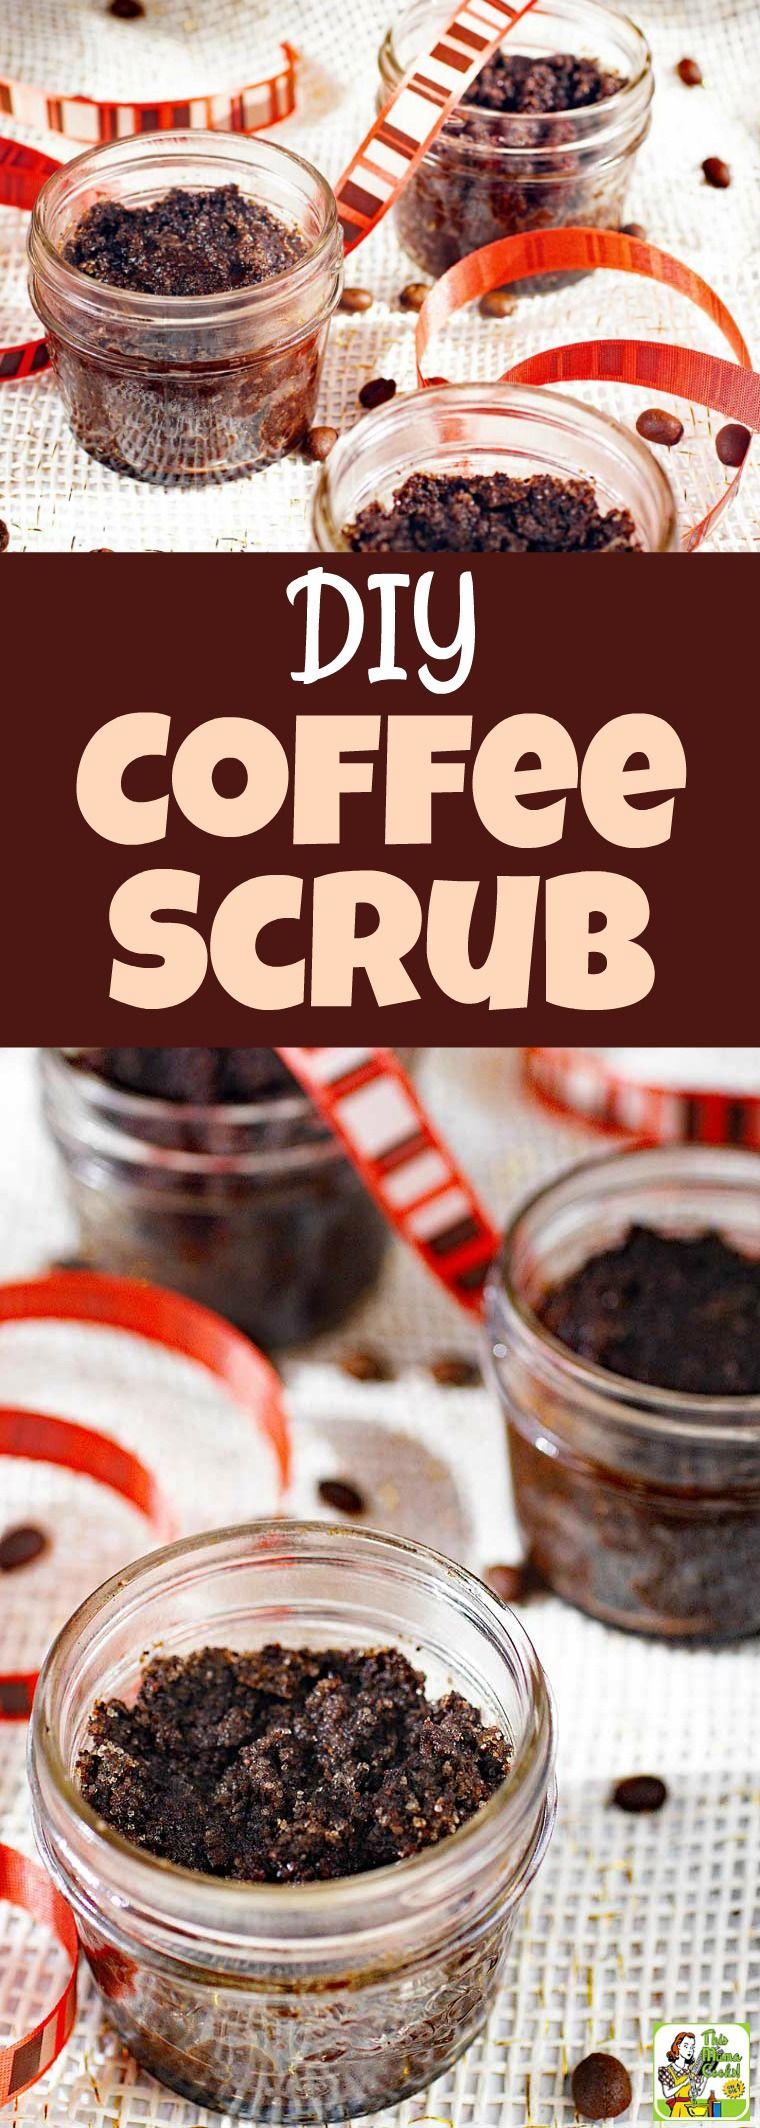 Diy coffee scrub this easy coffee scrub recipe makes a